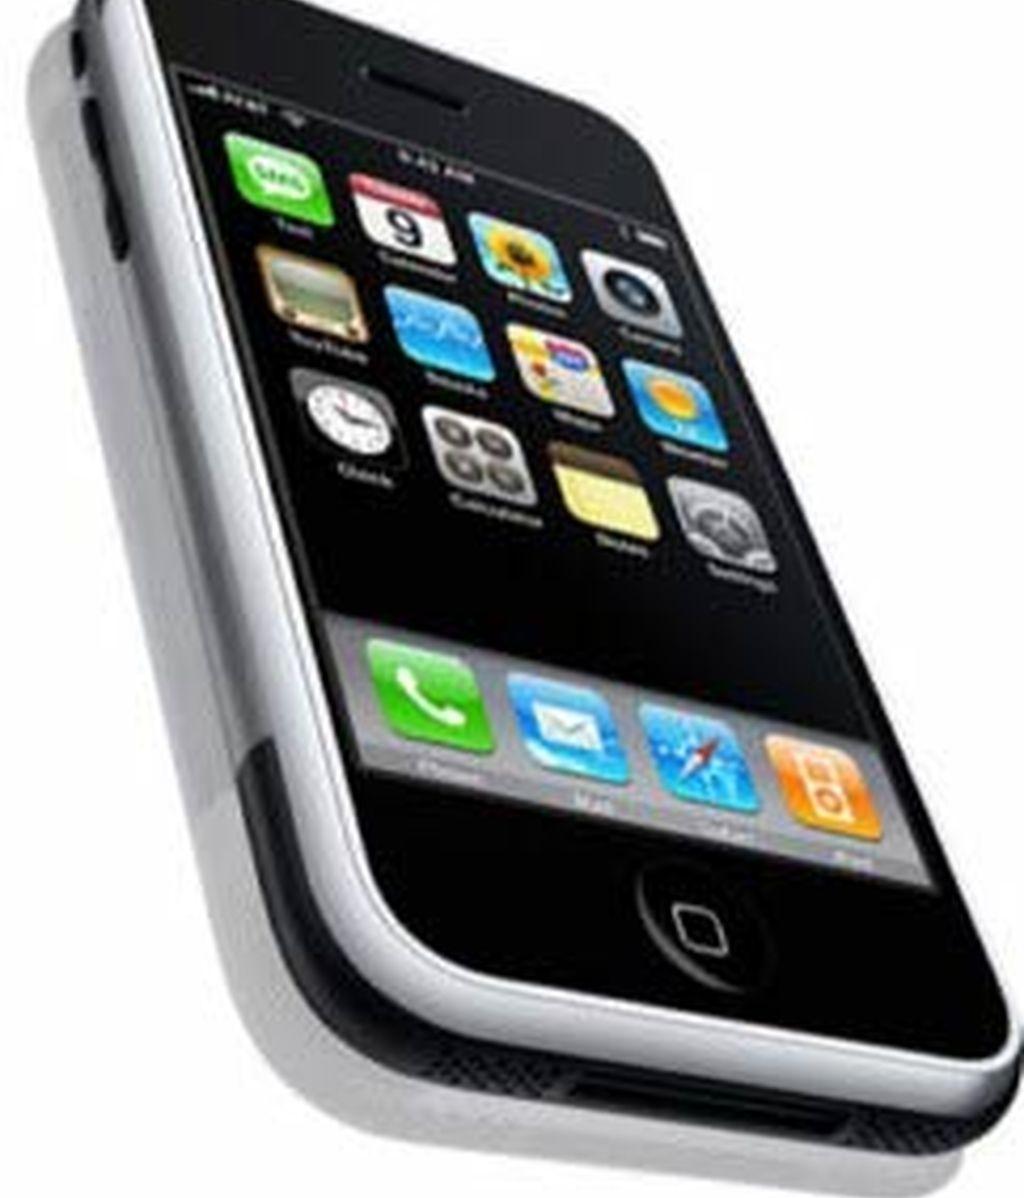 El iPhone 5 podría llegar en septiembre. Foto: Archivo